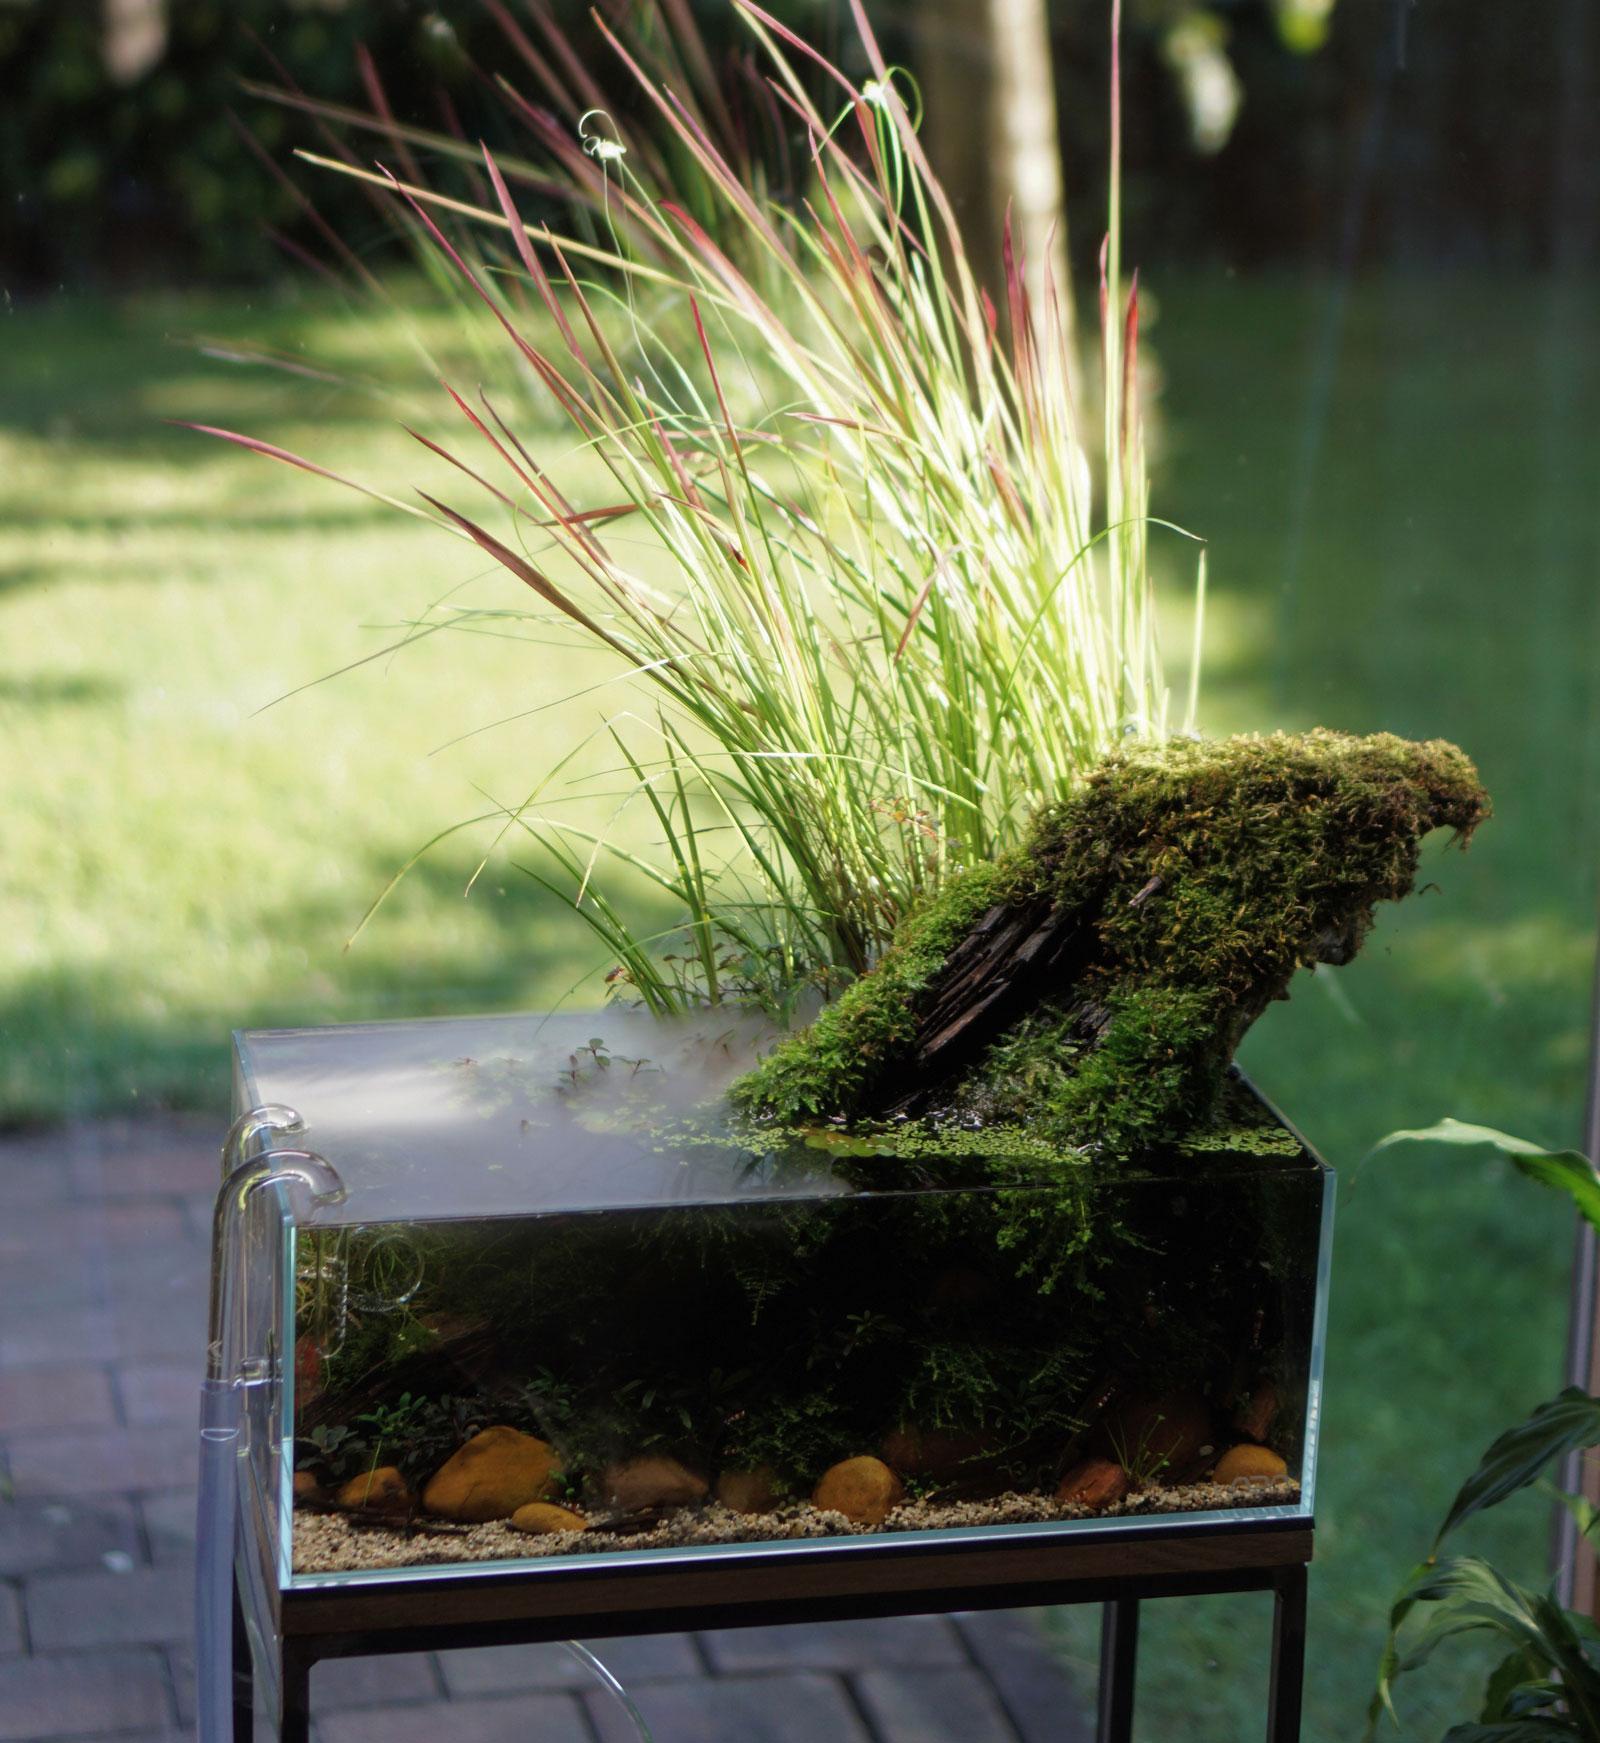 Pondstyle Aquascape mit Teichpflanzen